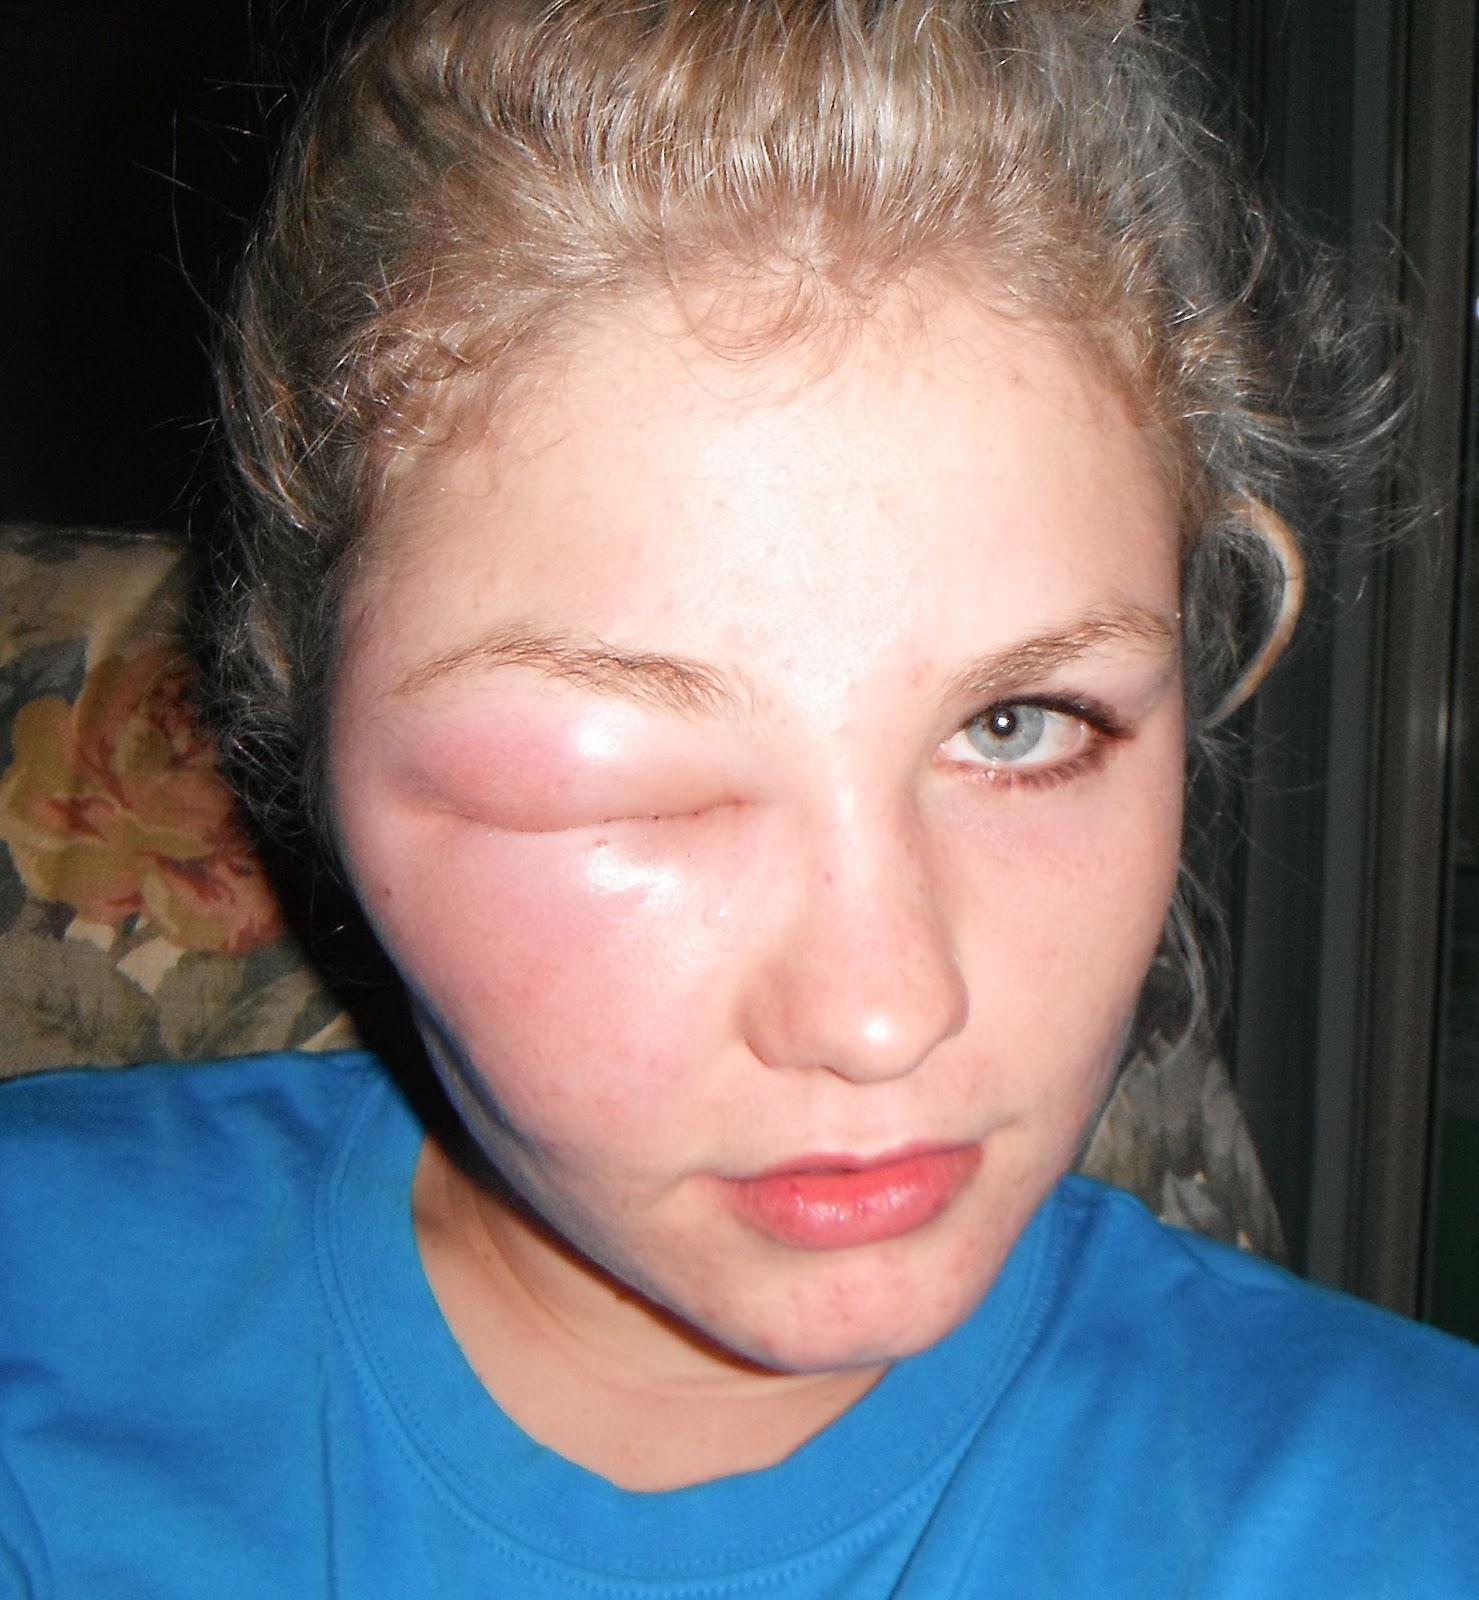 фото члена после укуса пчелы